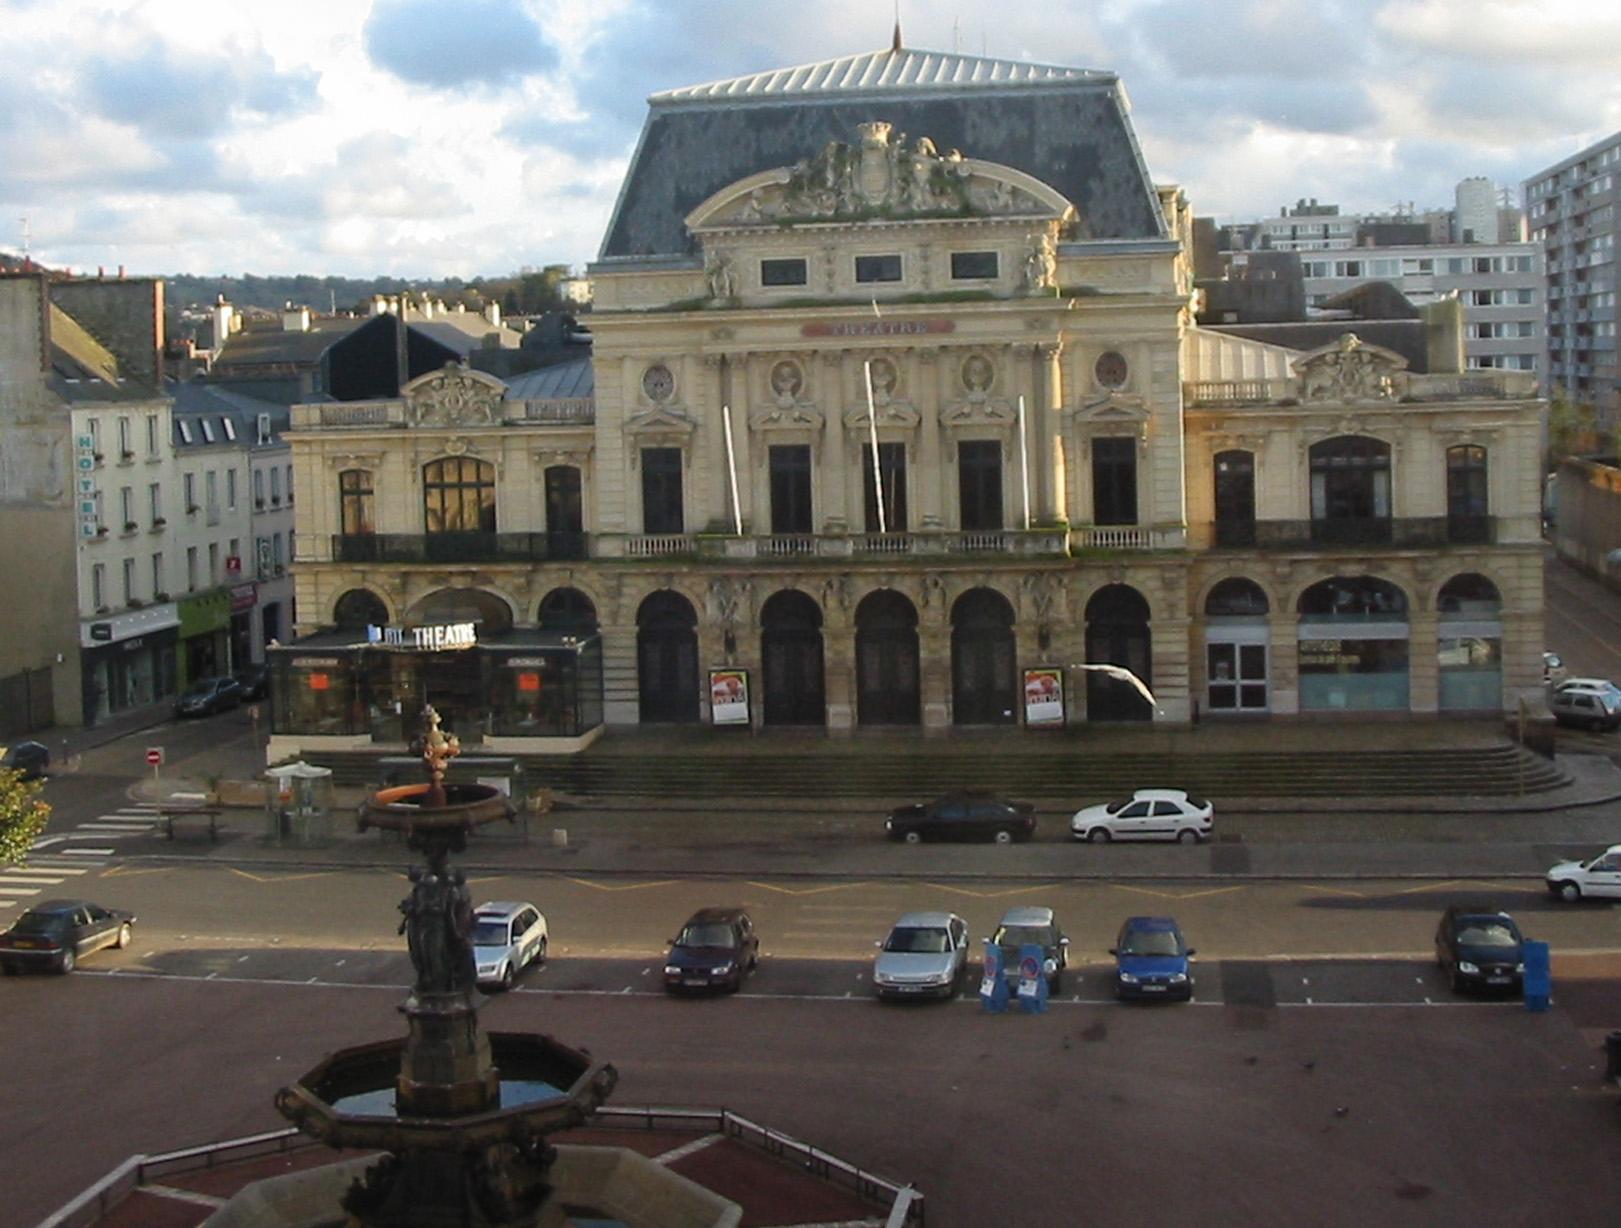 Chambery-Theater-and-Gambetta-fountain